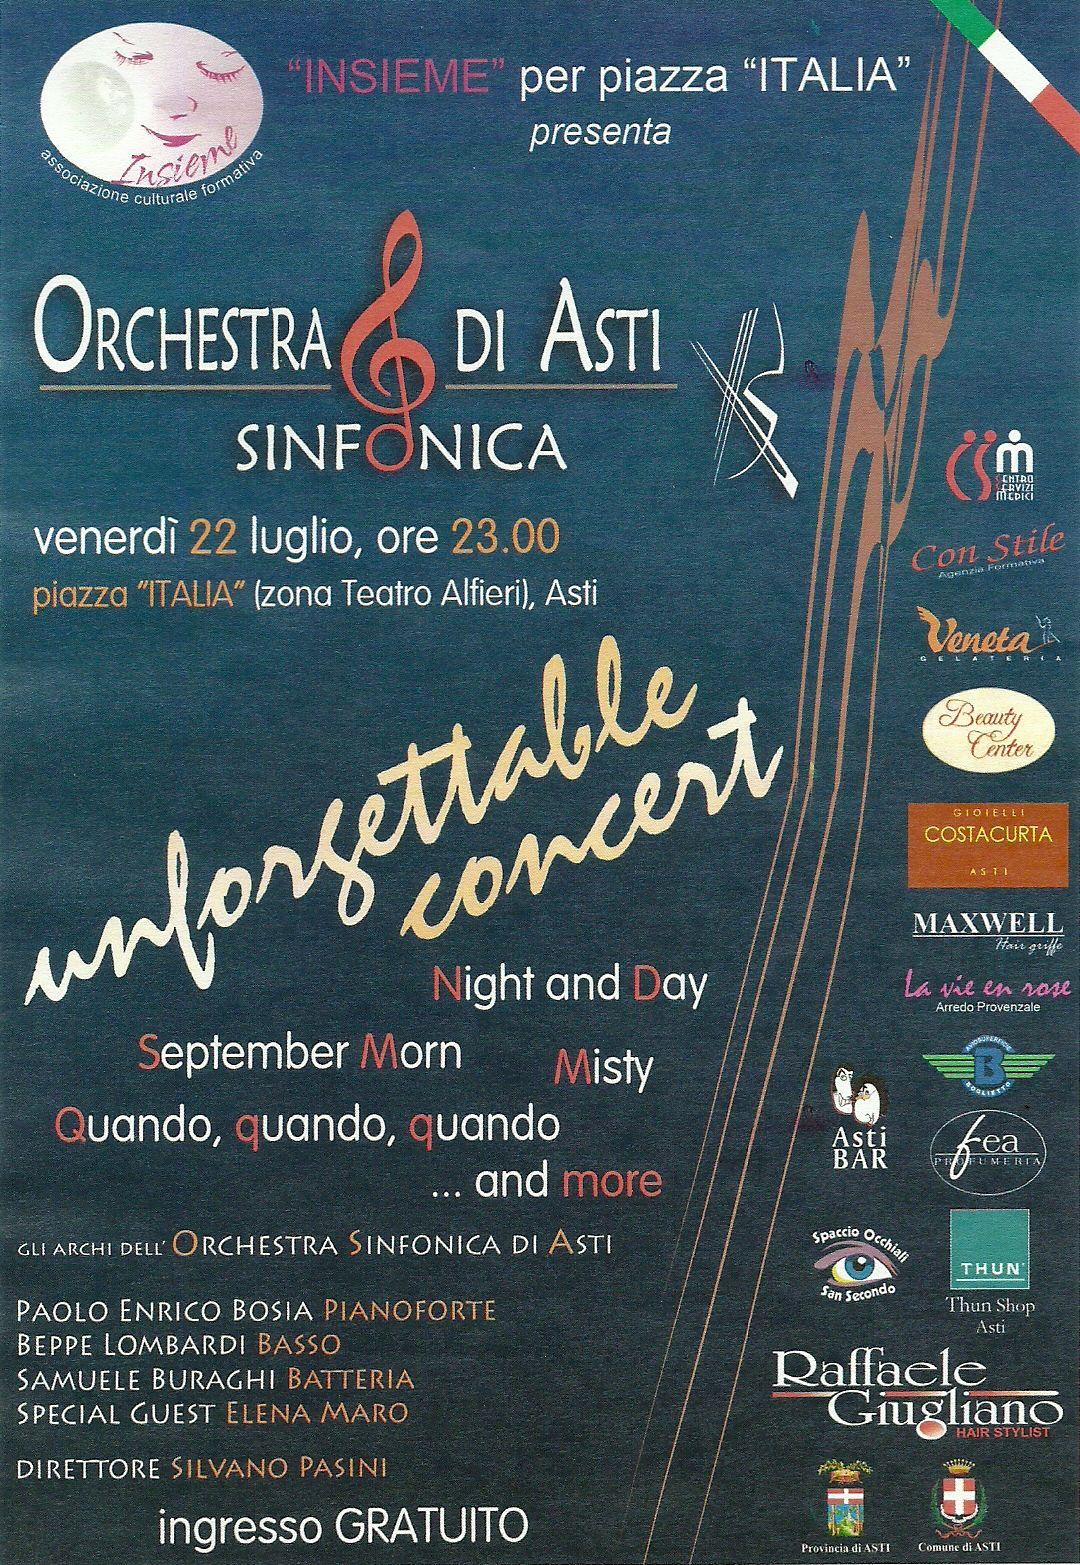 Unforgettable Concert